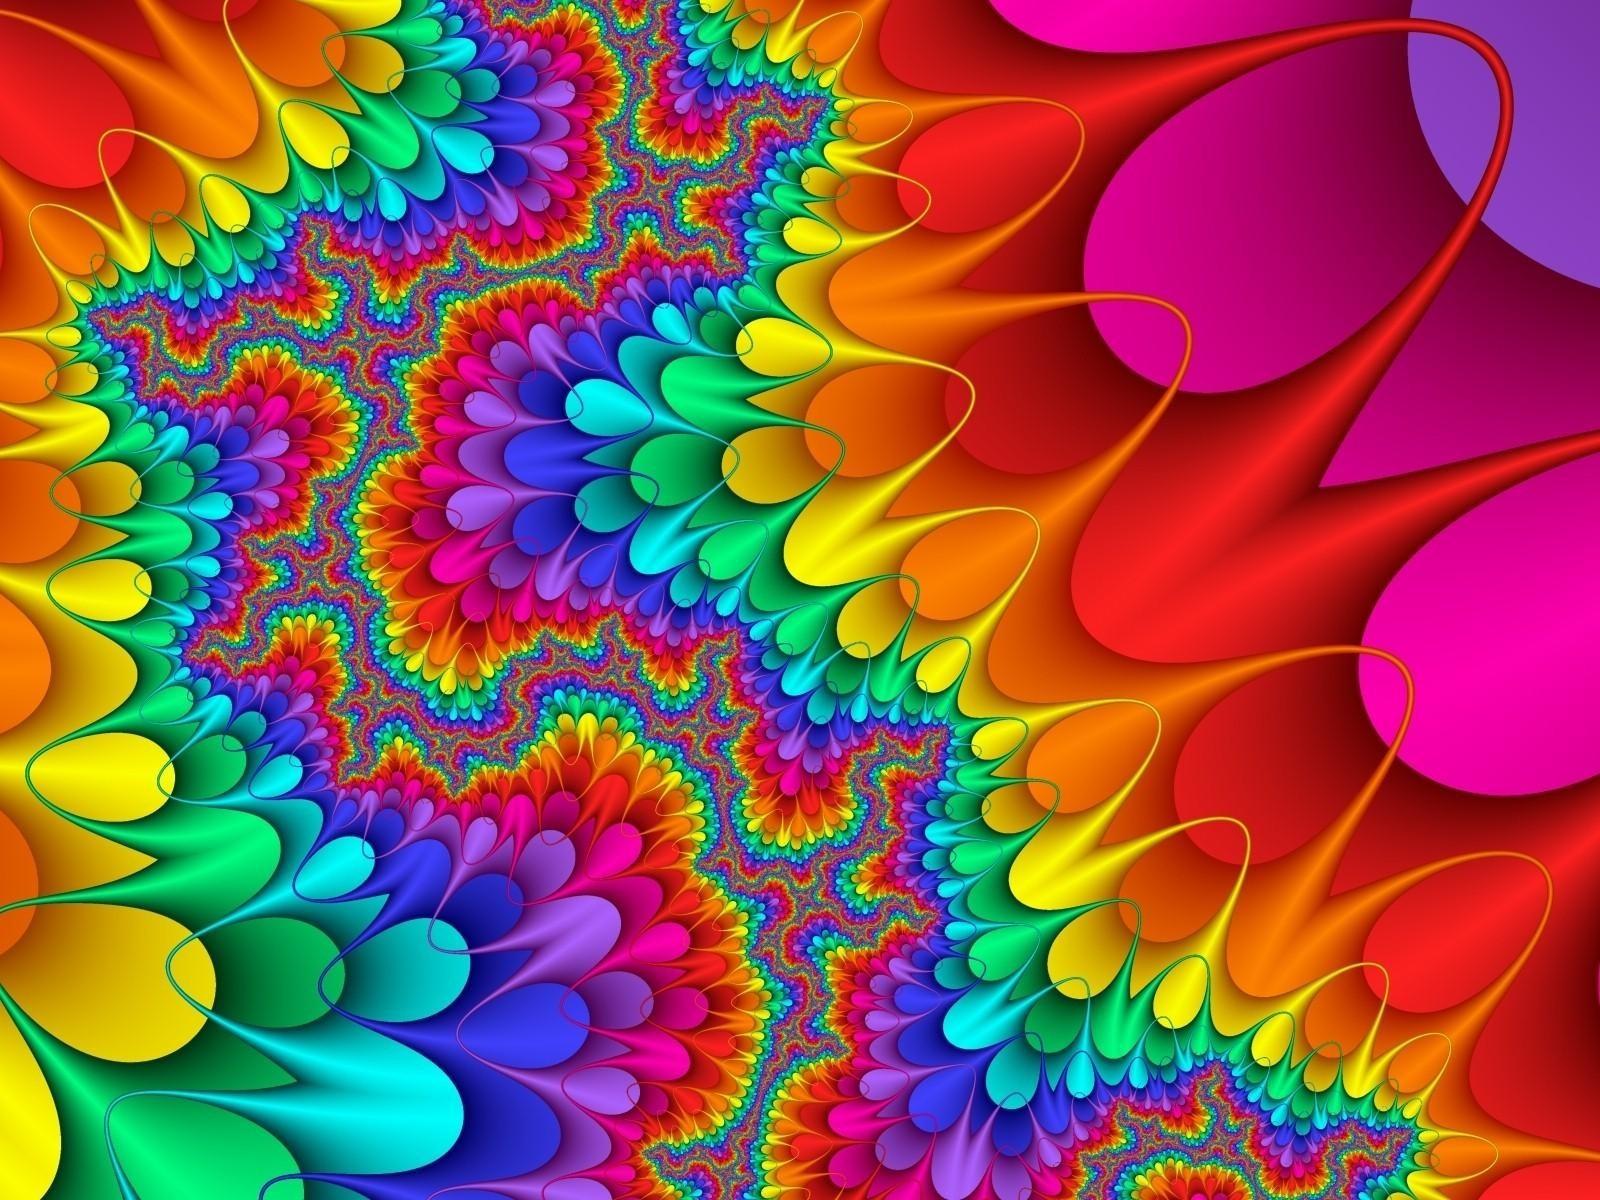 Abstracte achtergrond met een plaatje met alle kleuren van de ...